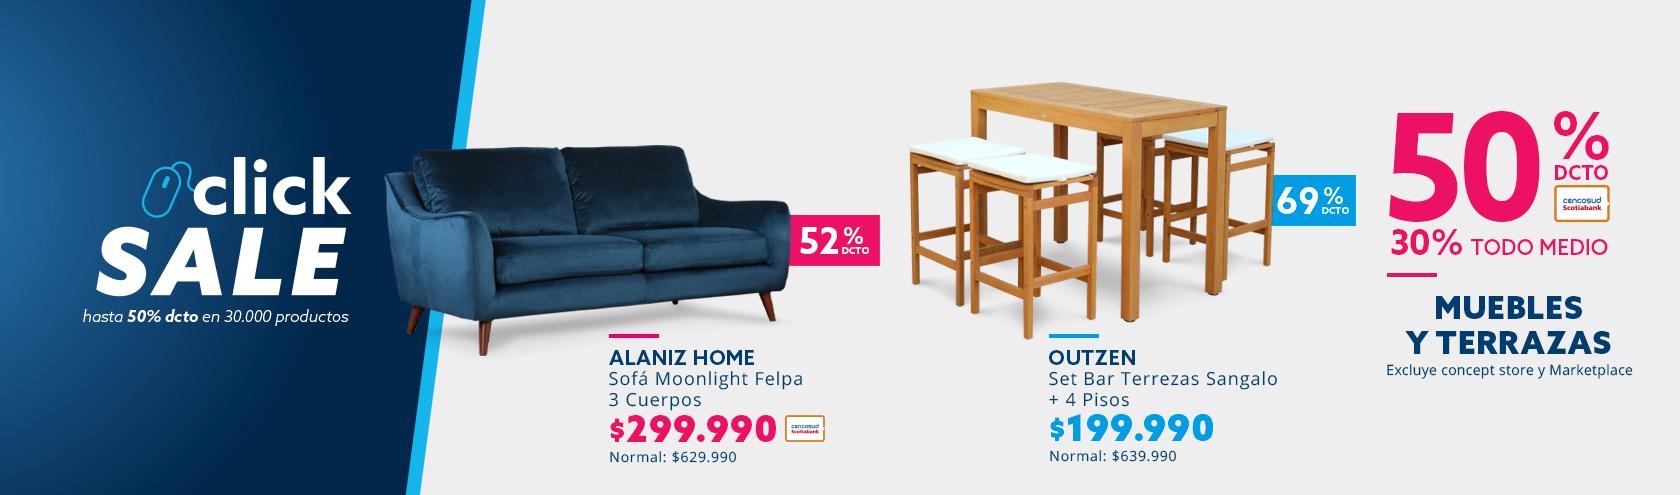 50/30 de dcto en Muebles y Terrazas. Excluye concept store y Marketplace